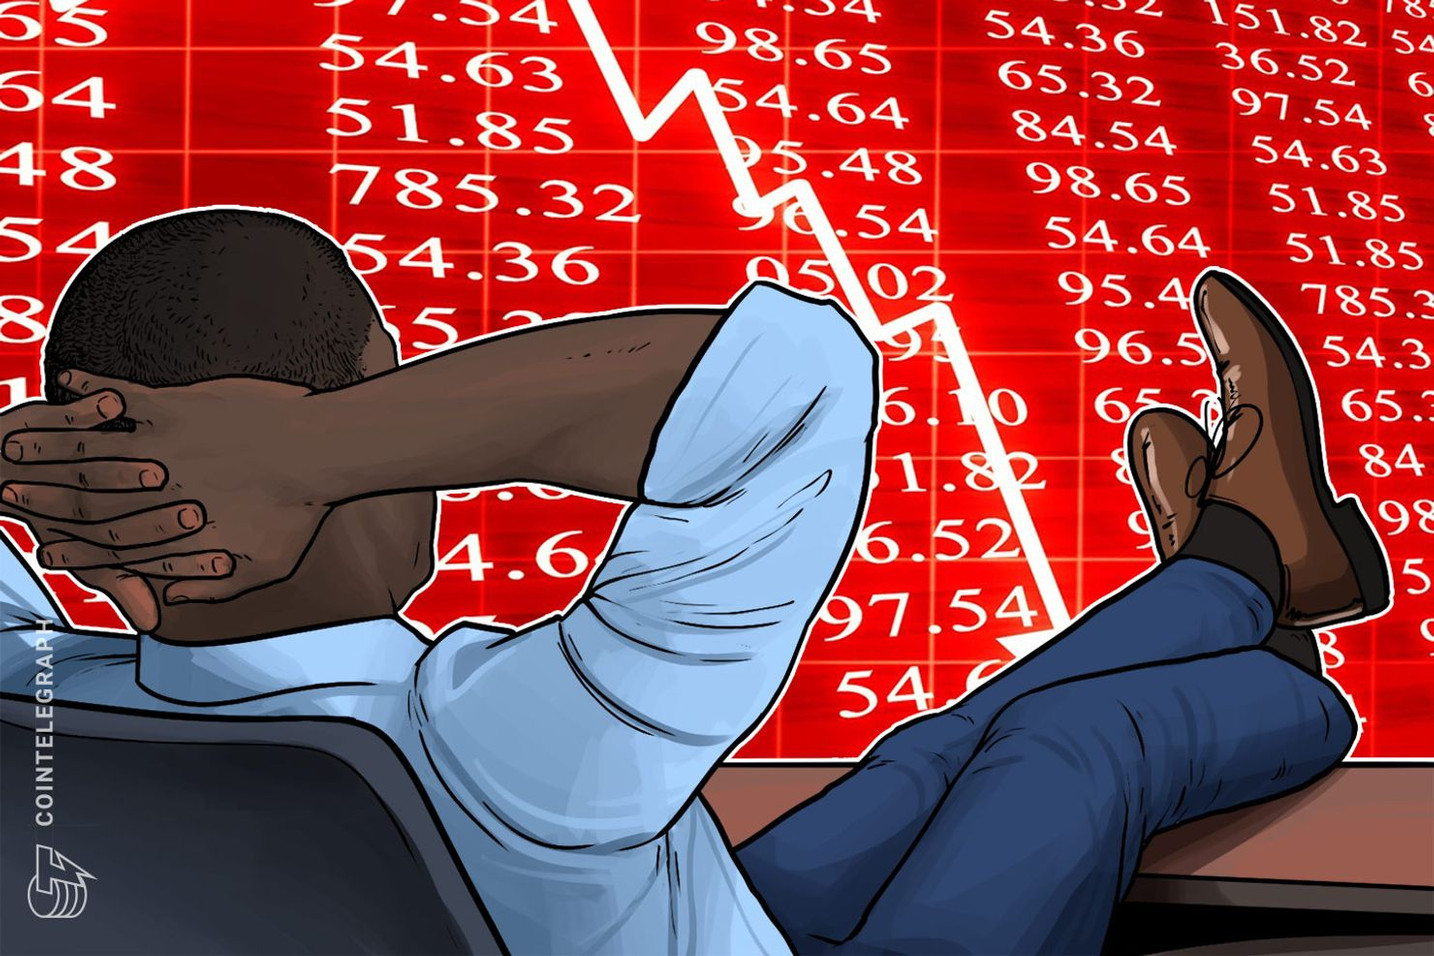 「仮想通貨取引所の顧客情報がダークウェブで売買」報道 ビットコイン急落の要因? | トランプ妥協案は民主党が即座に拒否